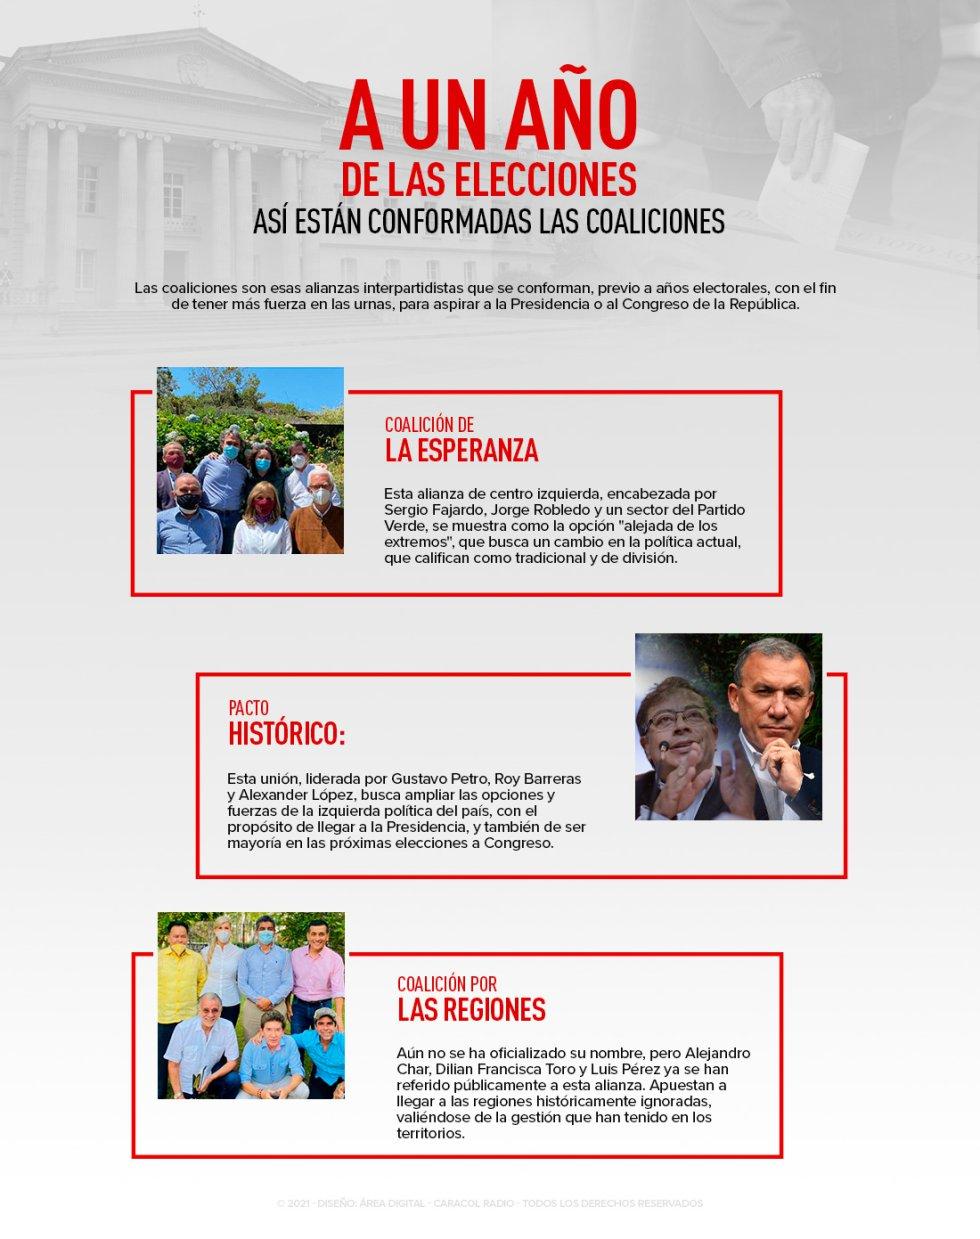 Coaliciones para elecciones presidenciales en Colombia